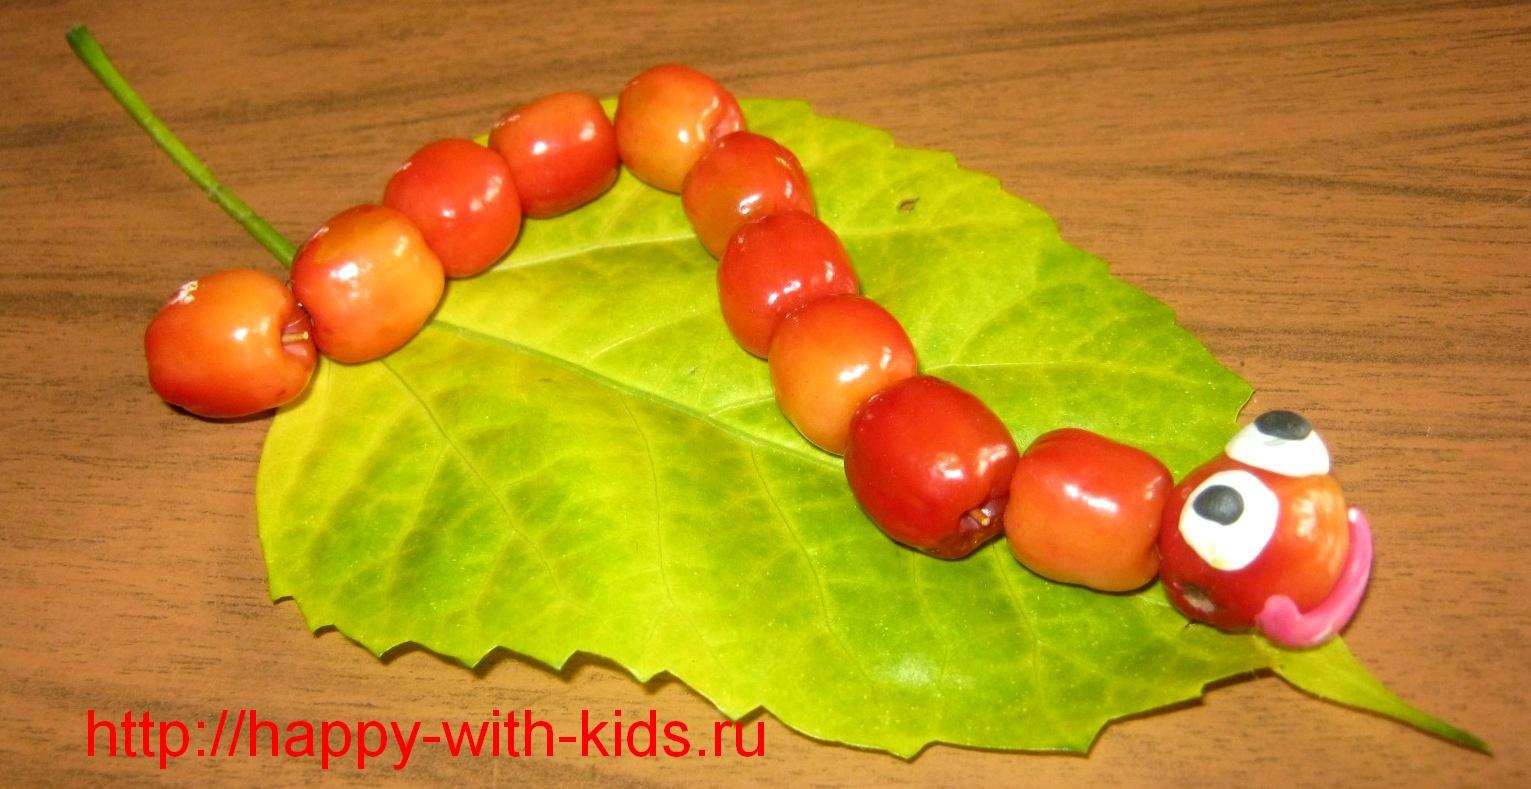 Легкие поделки из овощей своими руками фото 511